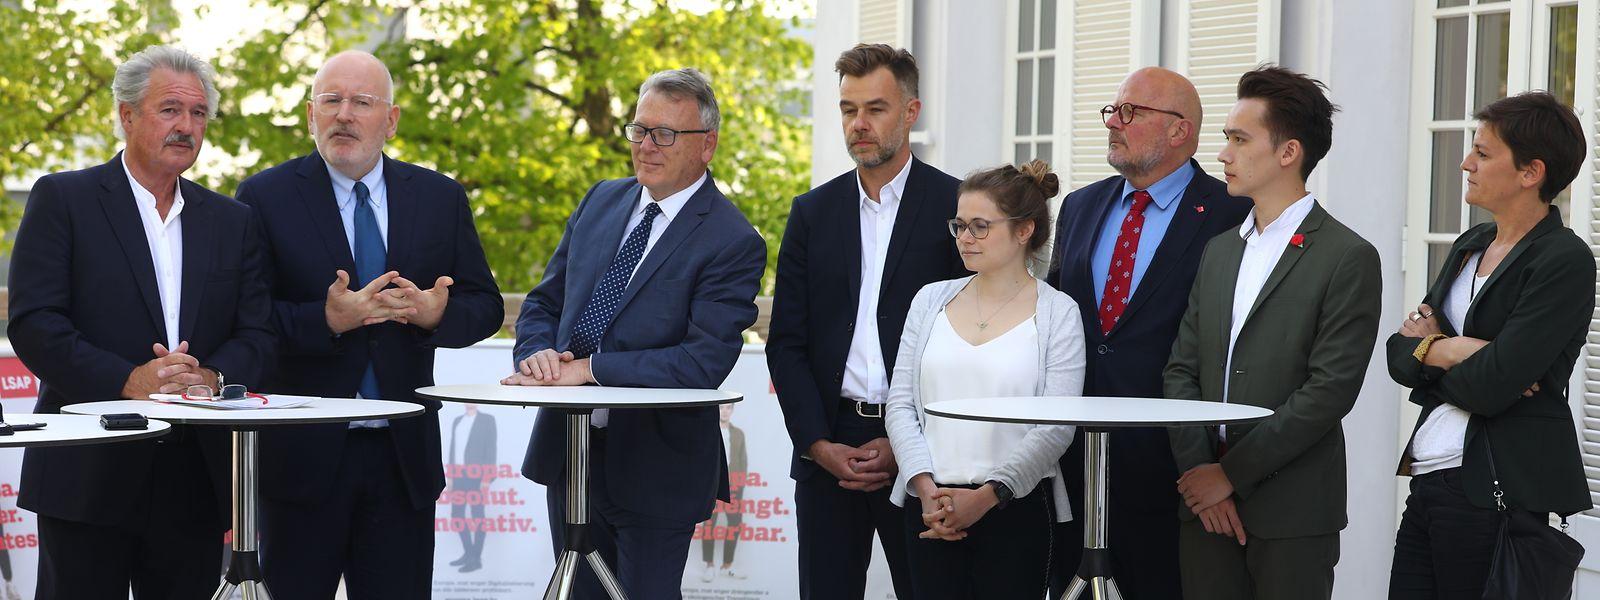 In Anwesenheit einiger LSAP-Kandidaten für die EU-Wahlen, von LSAP-Präsident Franz Fayot sowie dem luxemburgischen Chefdiplomaten Jean Asselborn stellte Frans Timmermans am Dienstag die Ideen der EU-Sozialdemokraten vor.